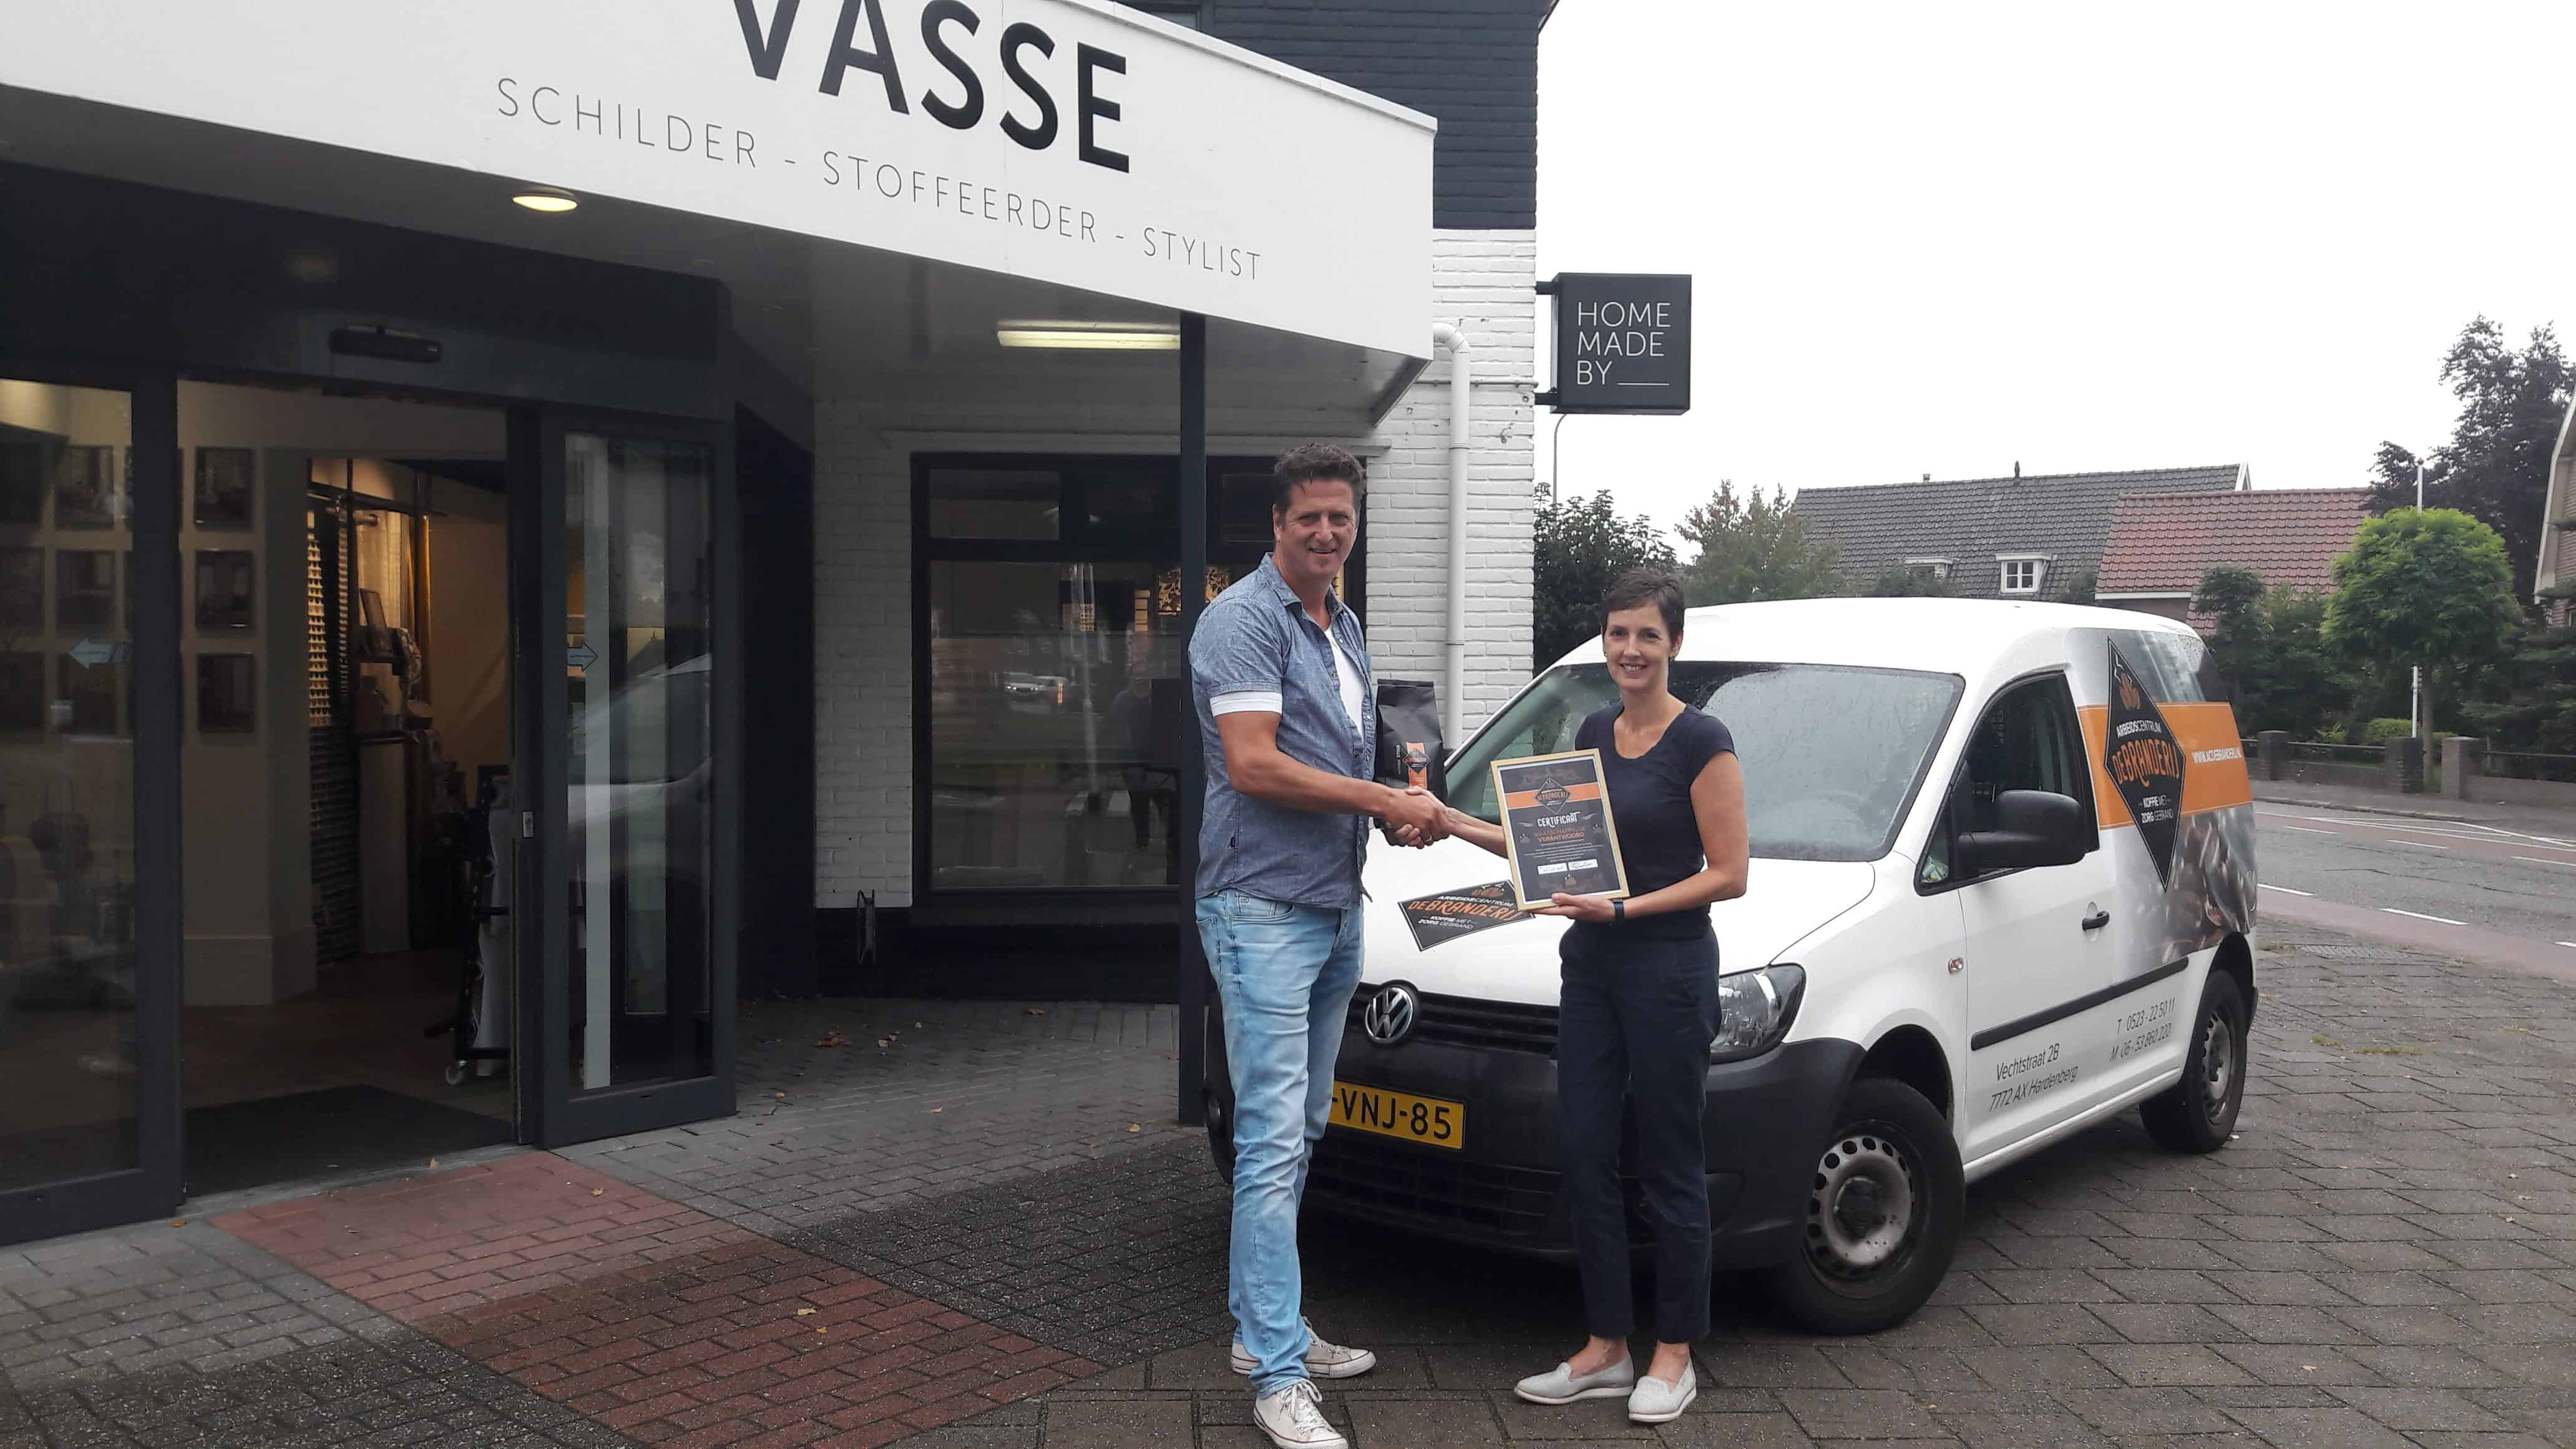 Branderij Certificaat voor Home Made By Vasse